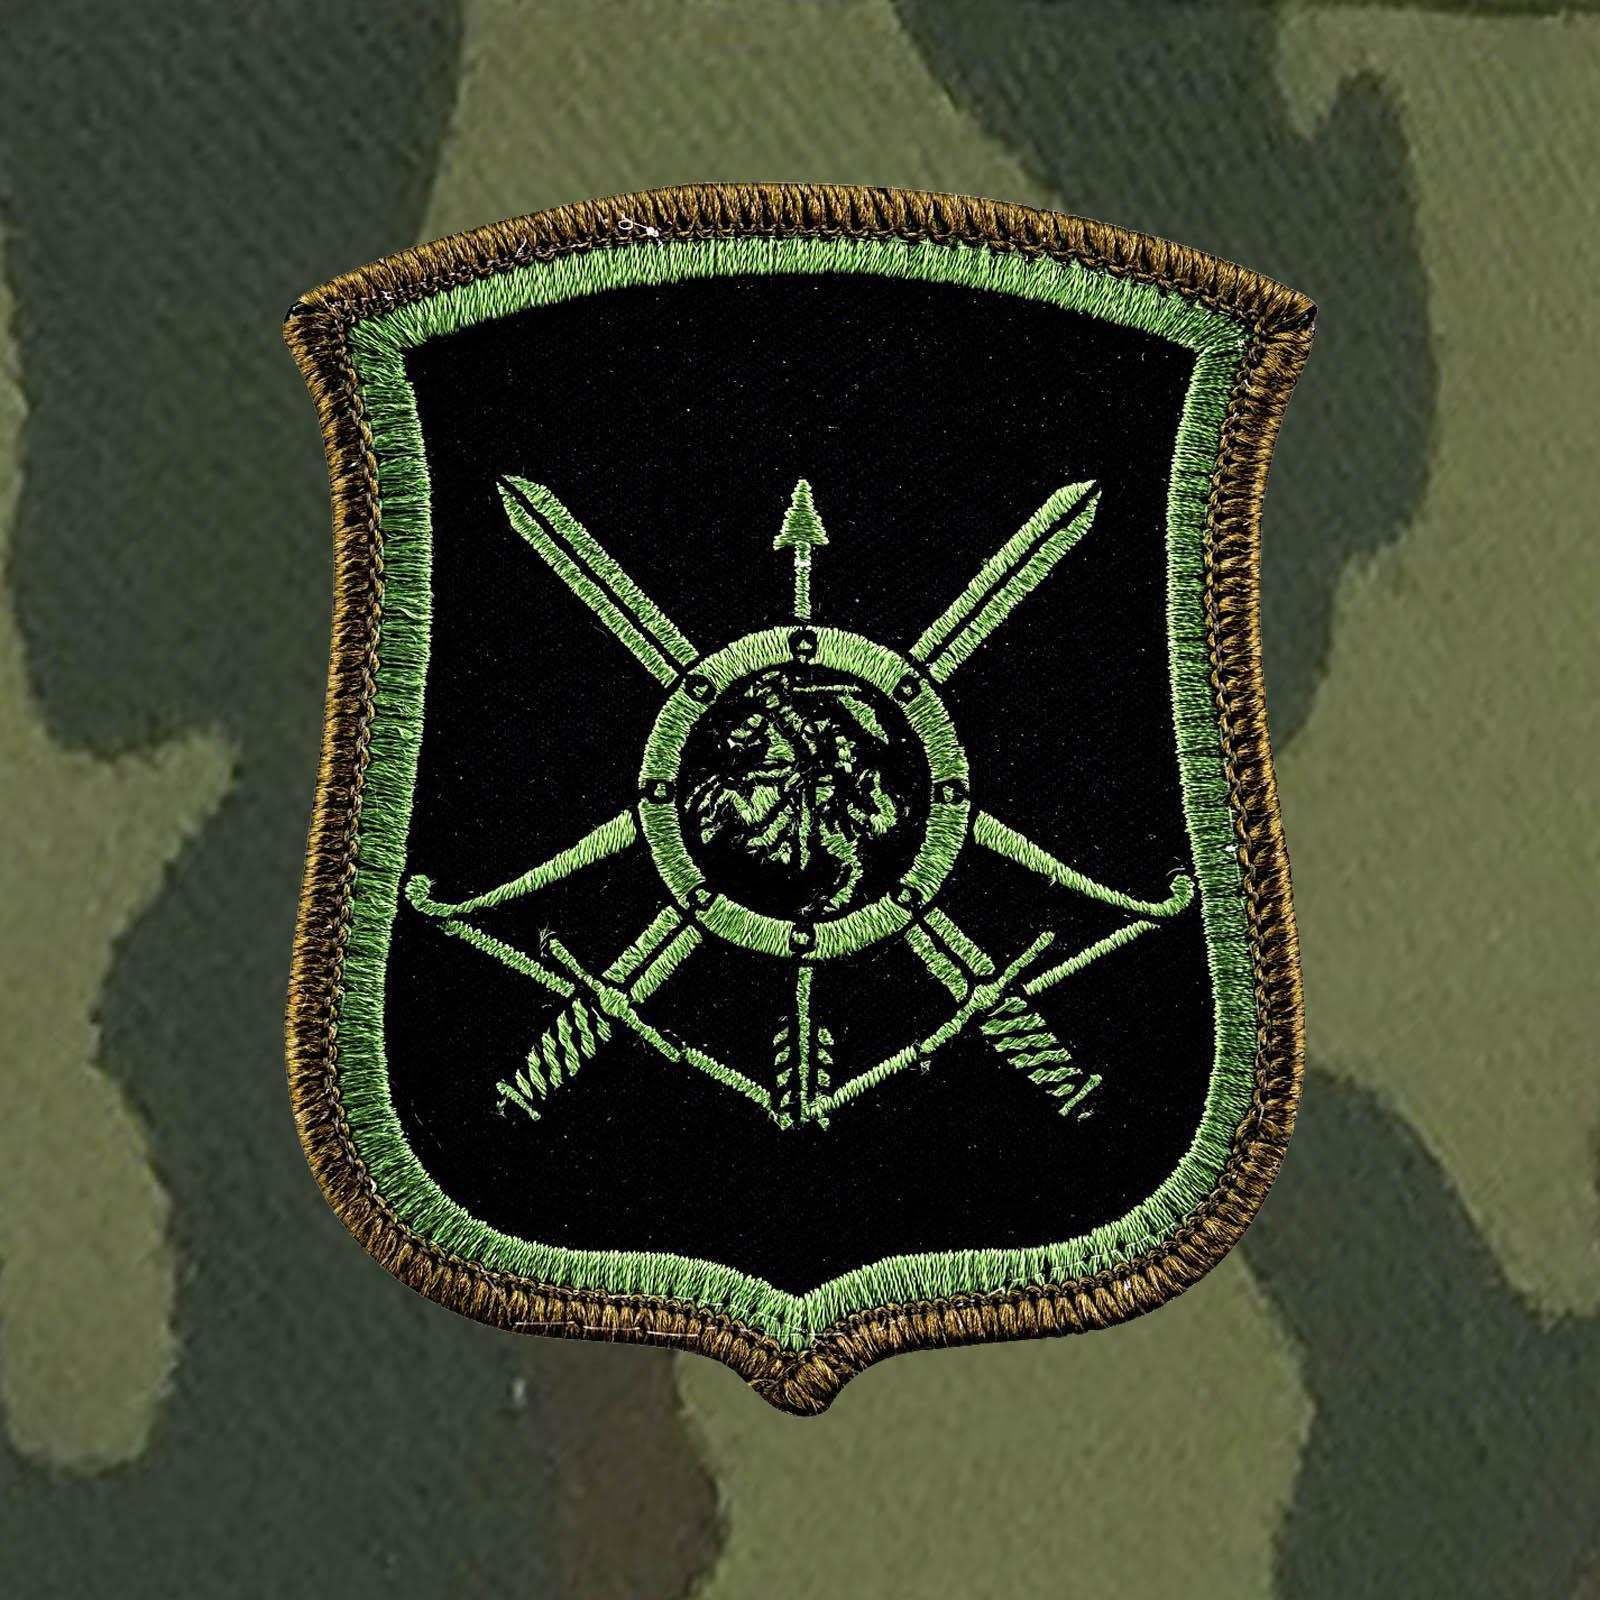 Хлопковая кепка с полевым шевроном 54-й ракетной дивизии РВСН.